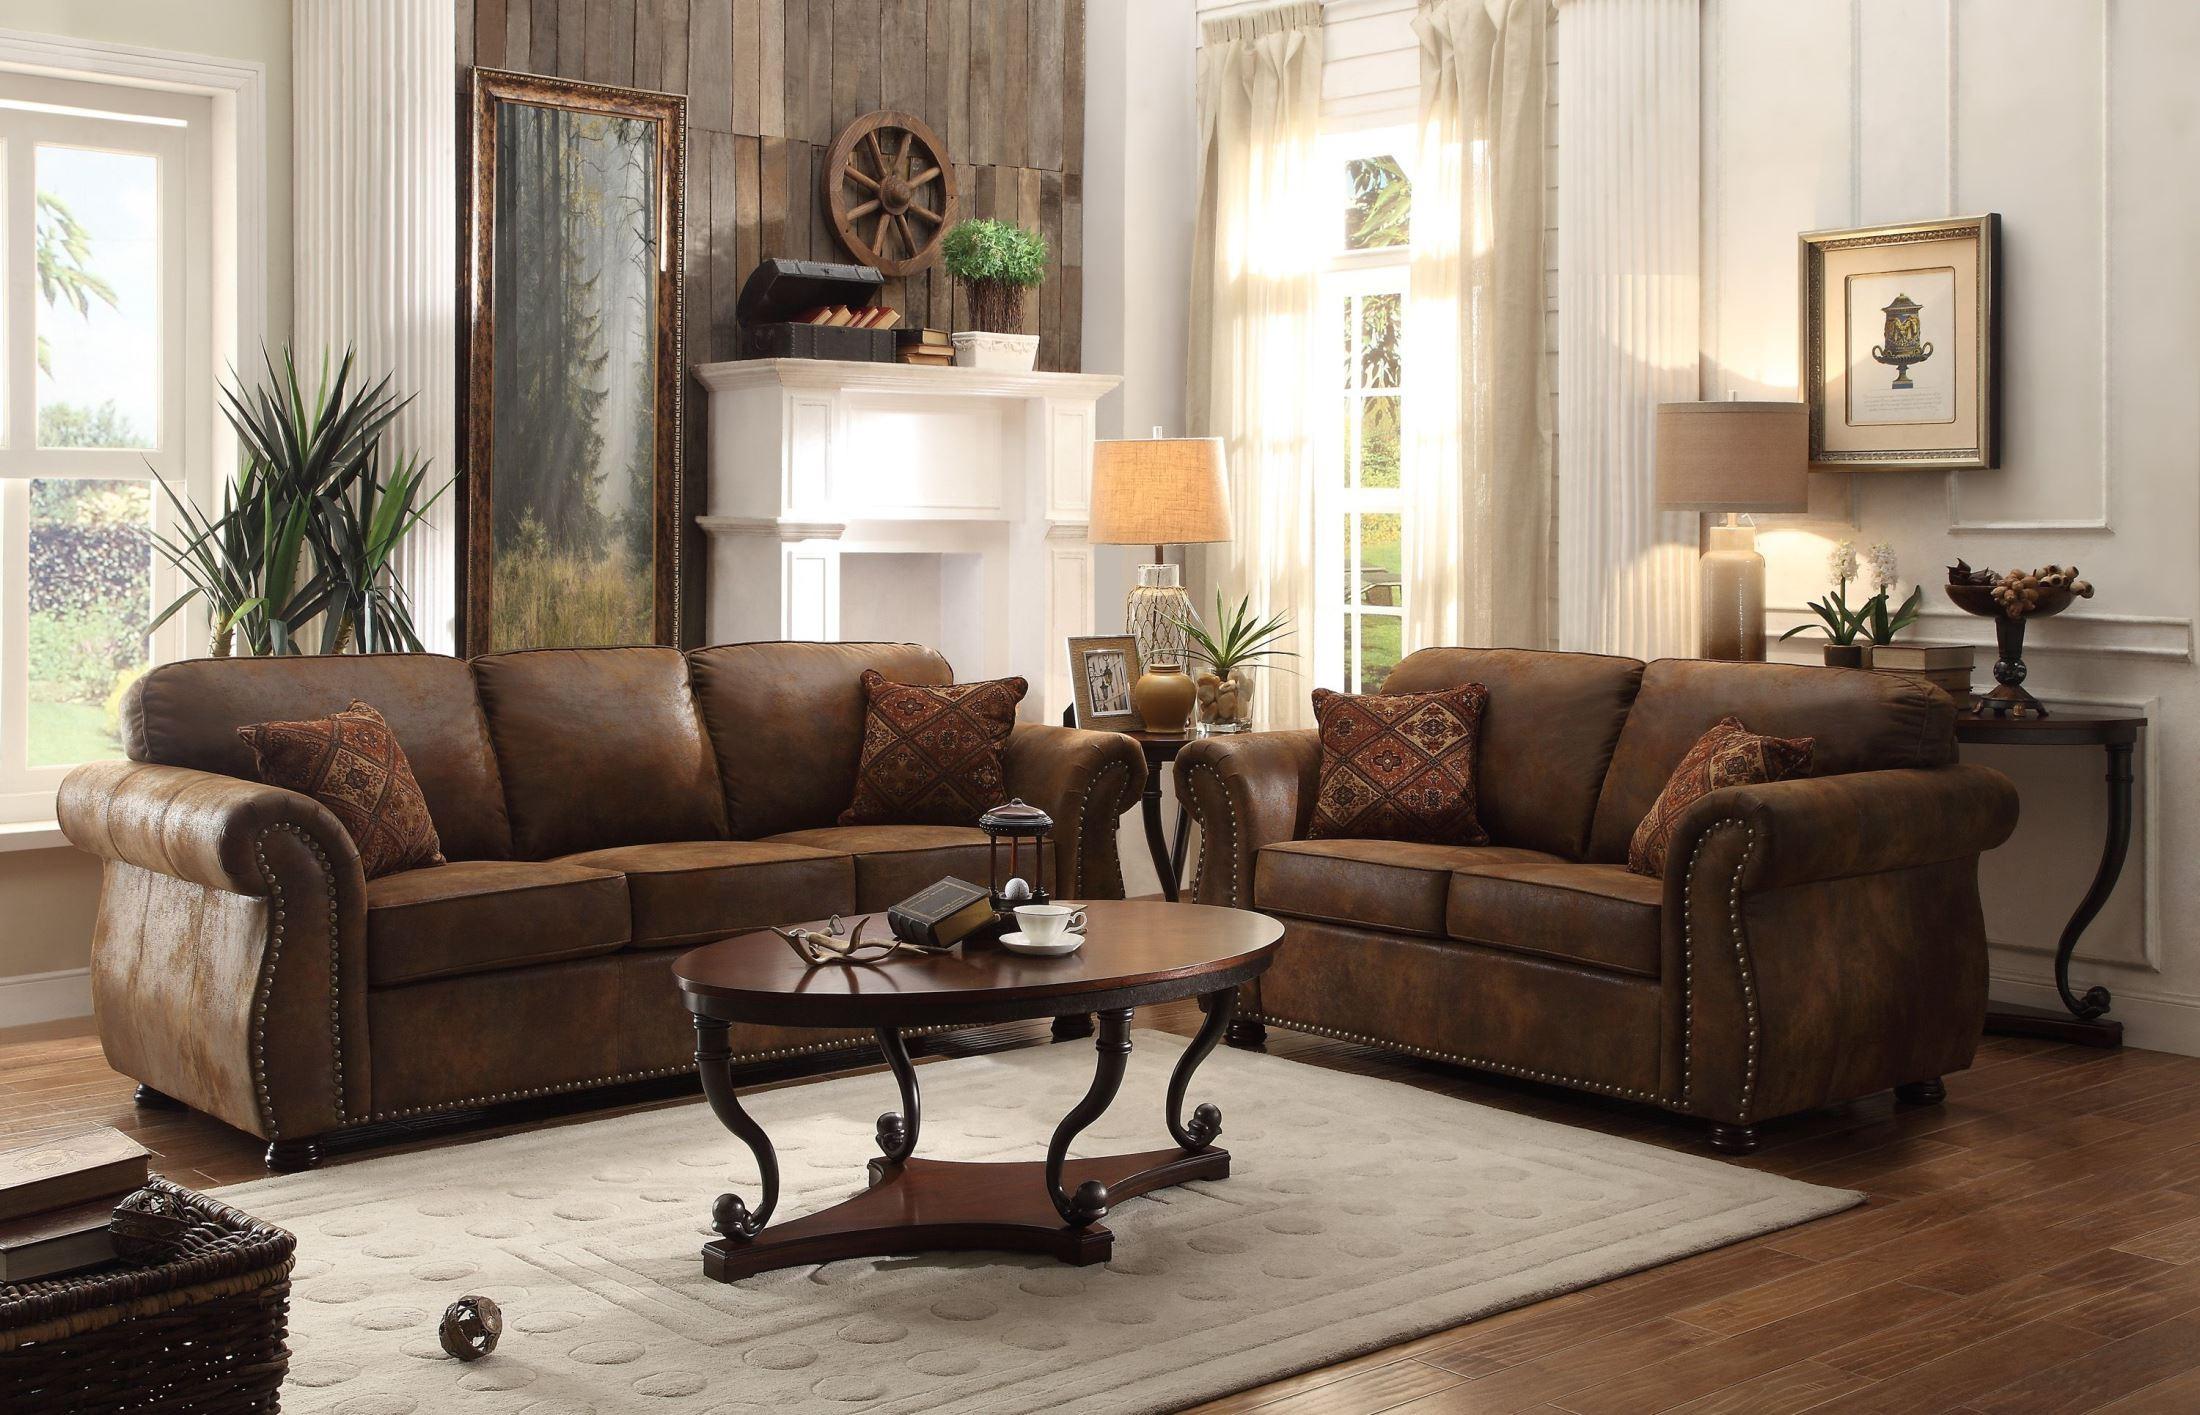 Corvallis brown living room set from homelegance 8405bj 3 for All white living room set